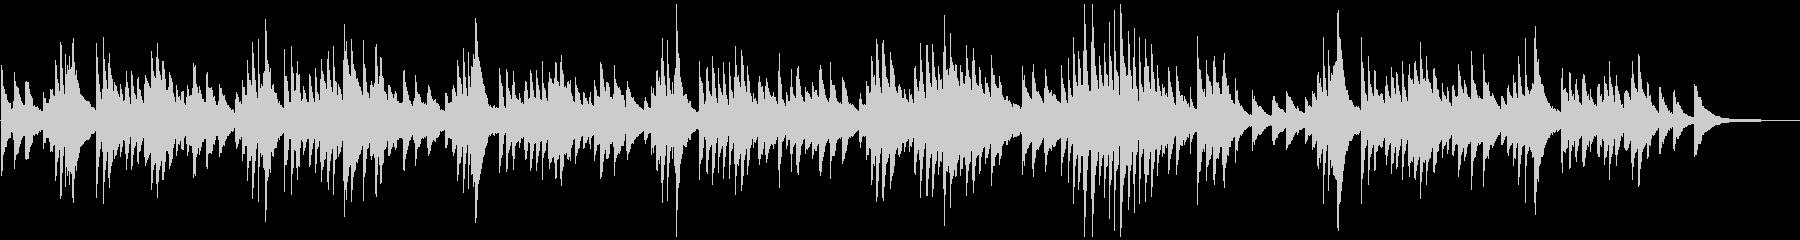 シューマンのトロイメライです。の未再生の波形